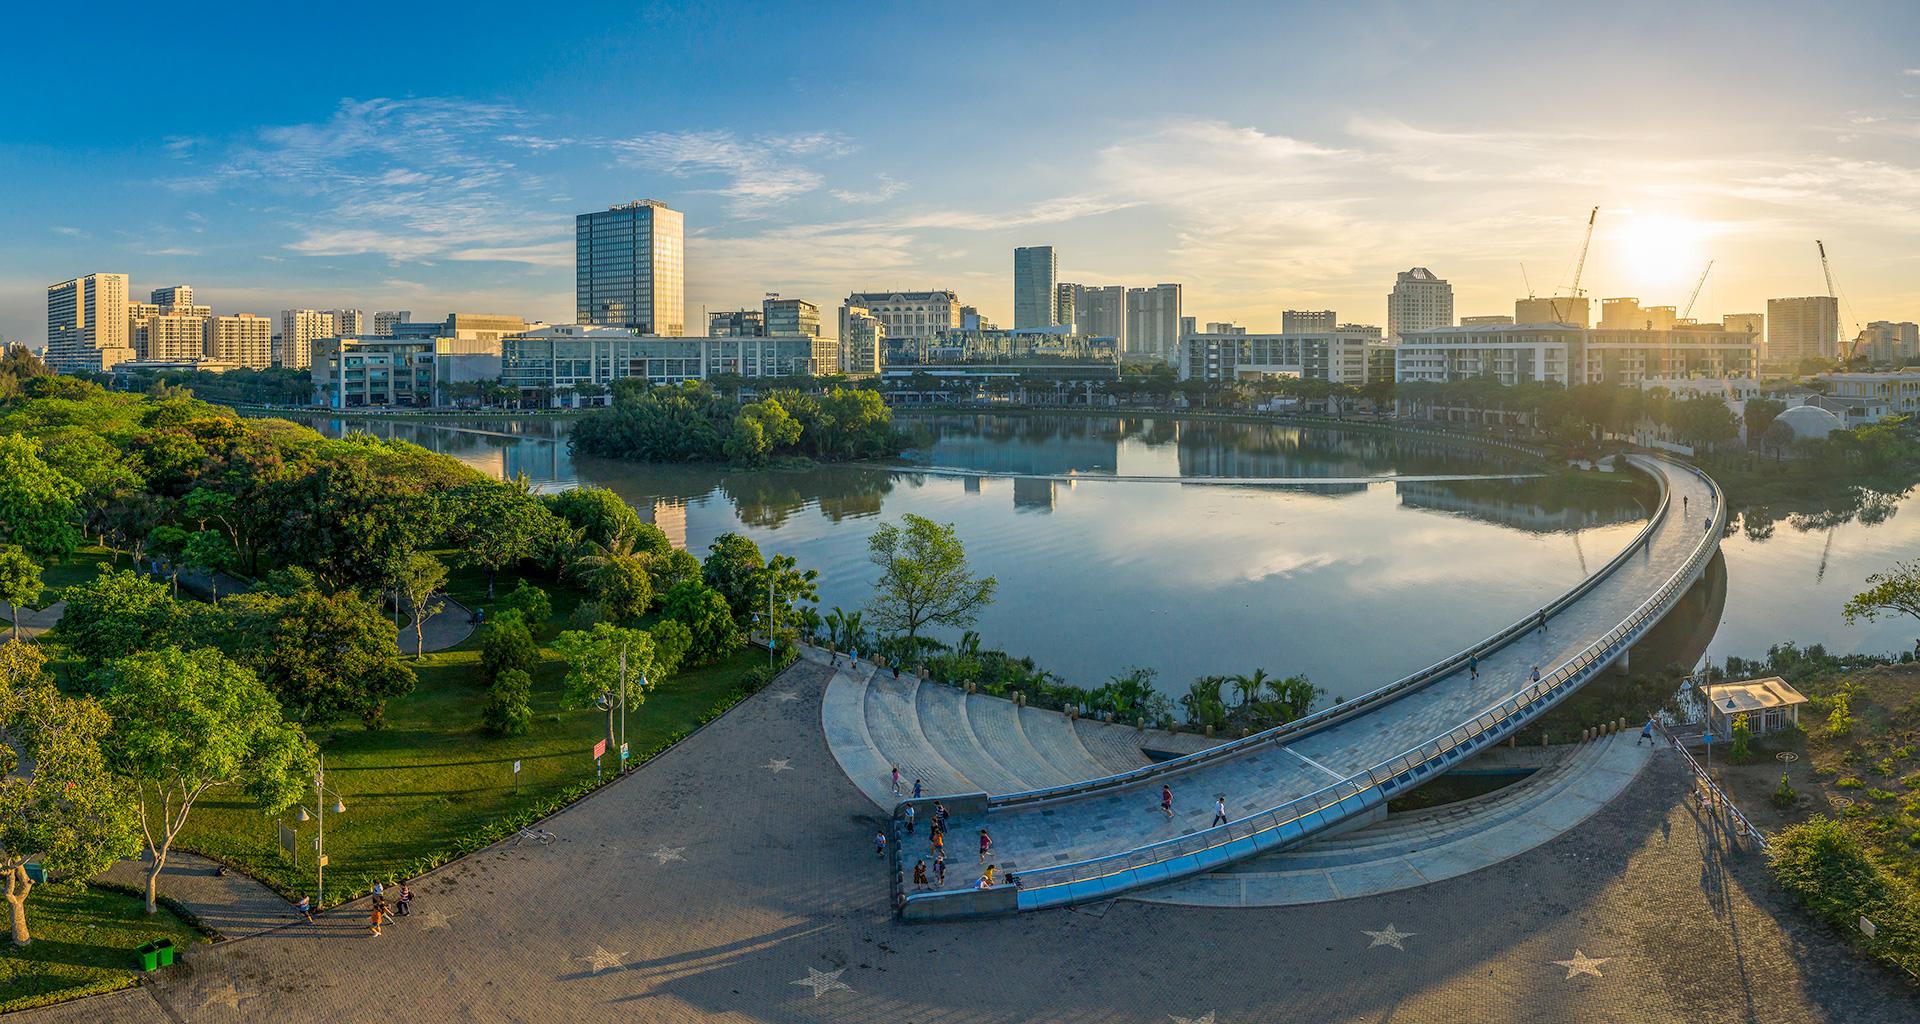 Những góc nhỏ trong khu đại đô thị Phú Mỹ Hưng.